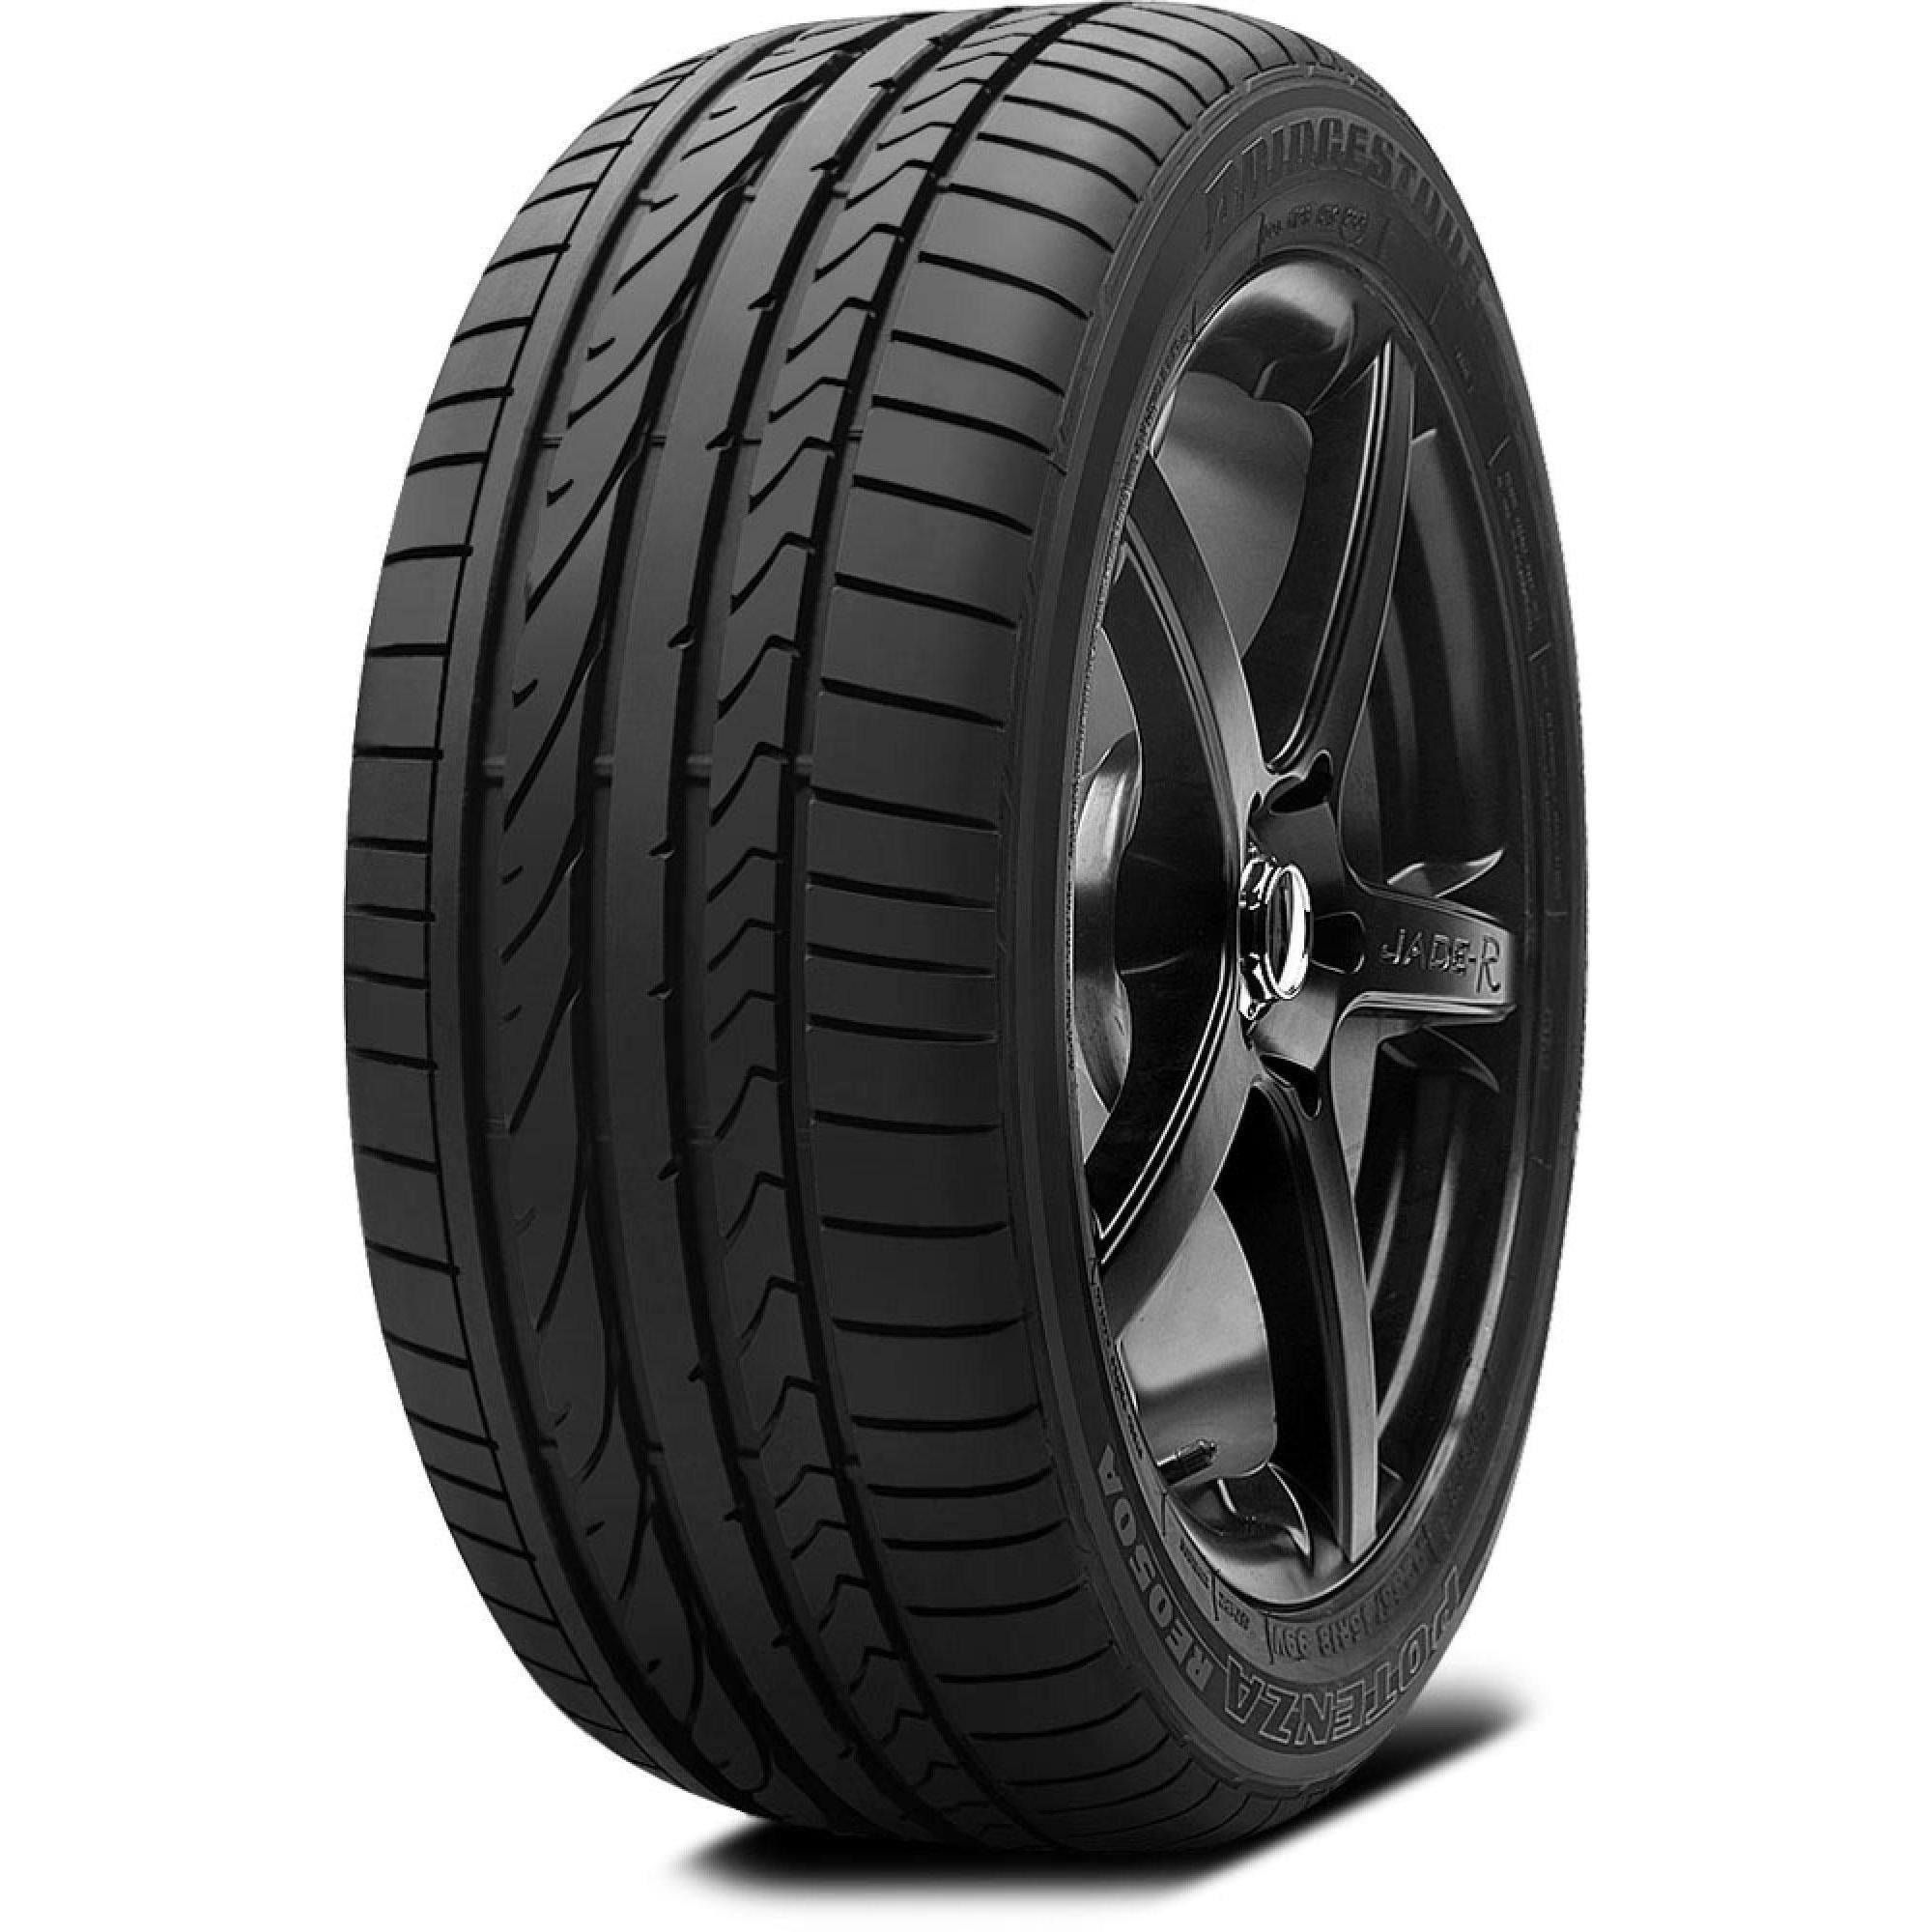 Bridgestone Potenza Re050A >> Bridgestone Potenza Re050a Rft Tirebuyer